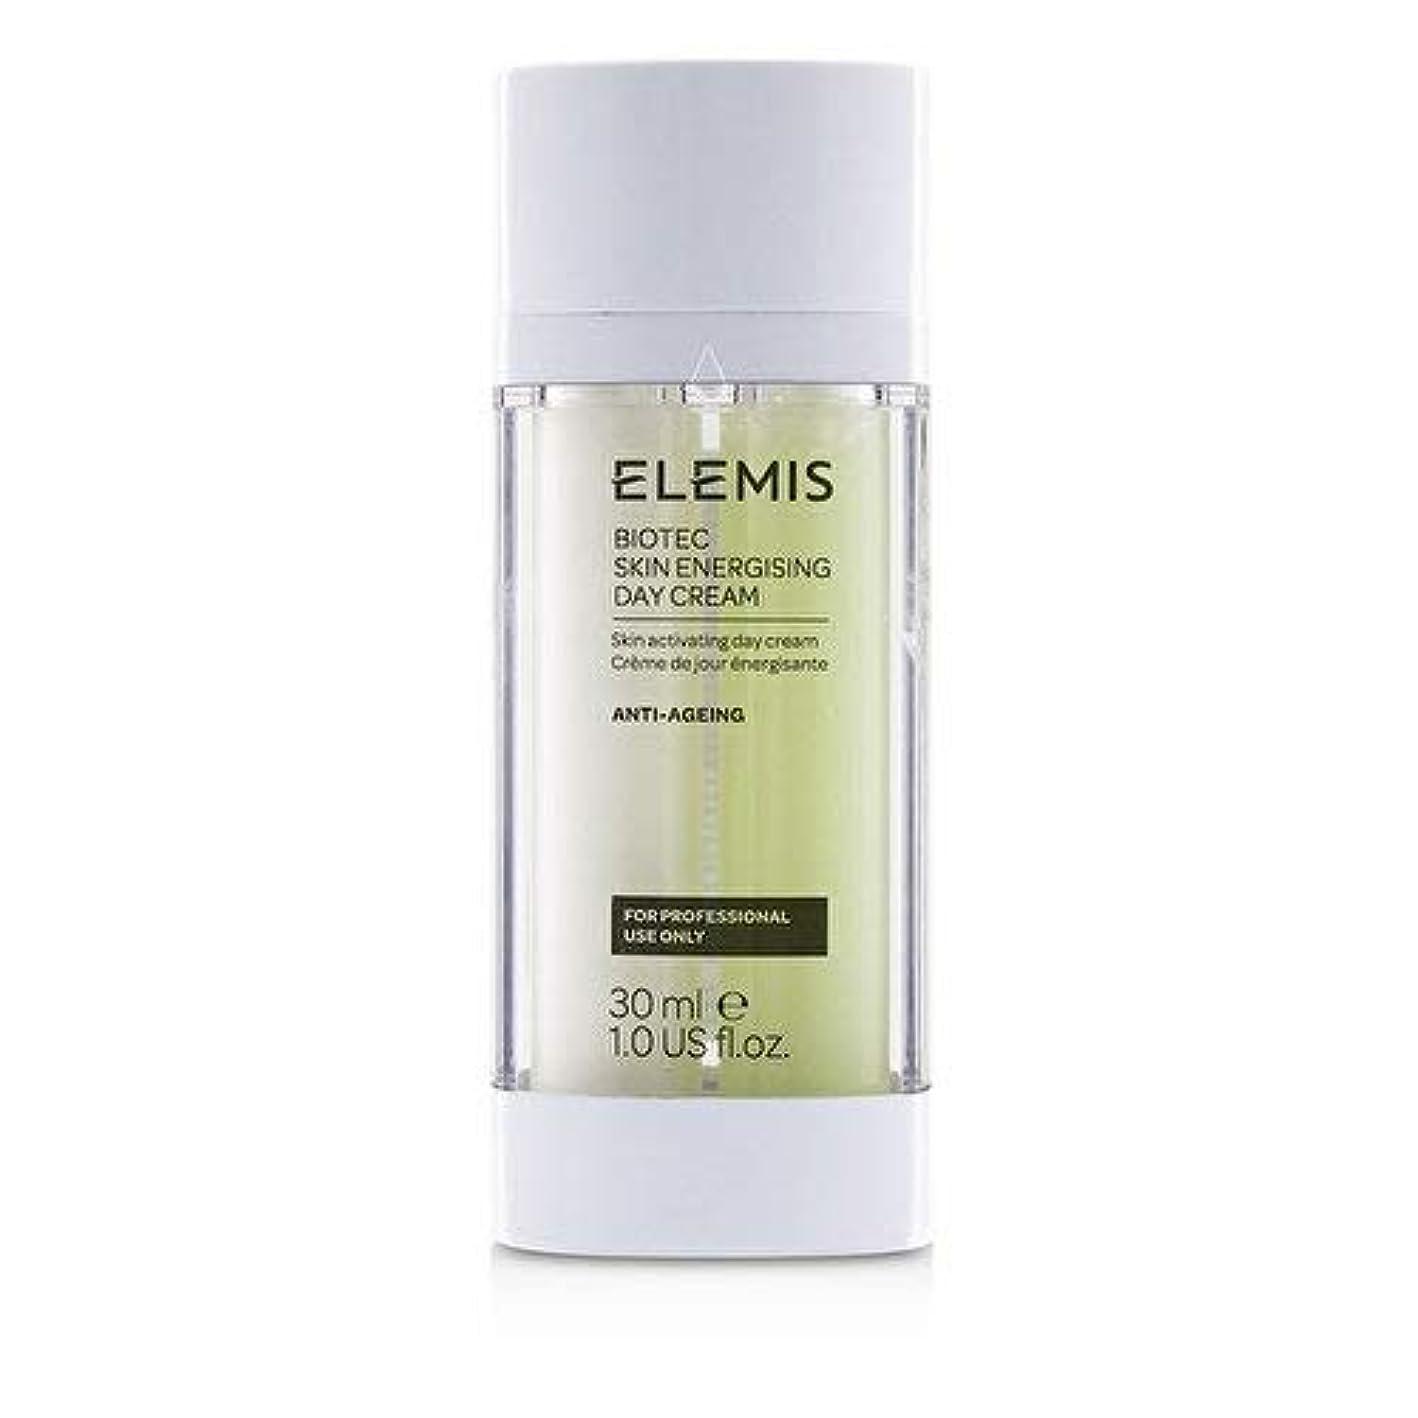 を必要としています当社入手しますエレミス BIOTEC Skin Energising Day Cream (Salon Product) 30ml/1oz並行輸入品